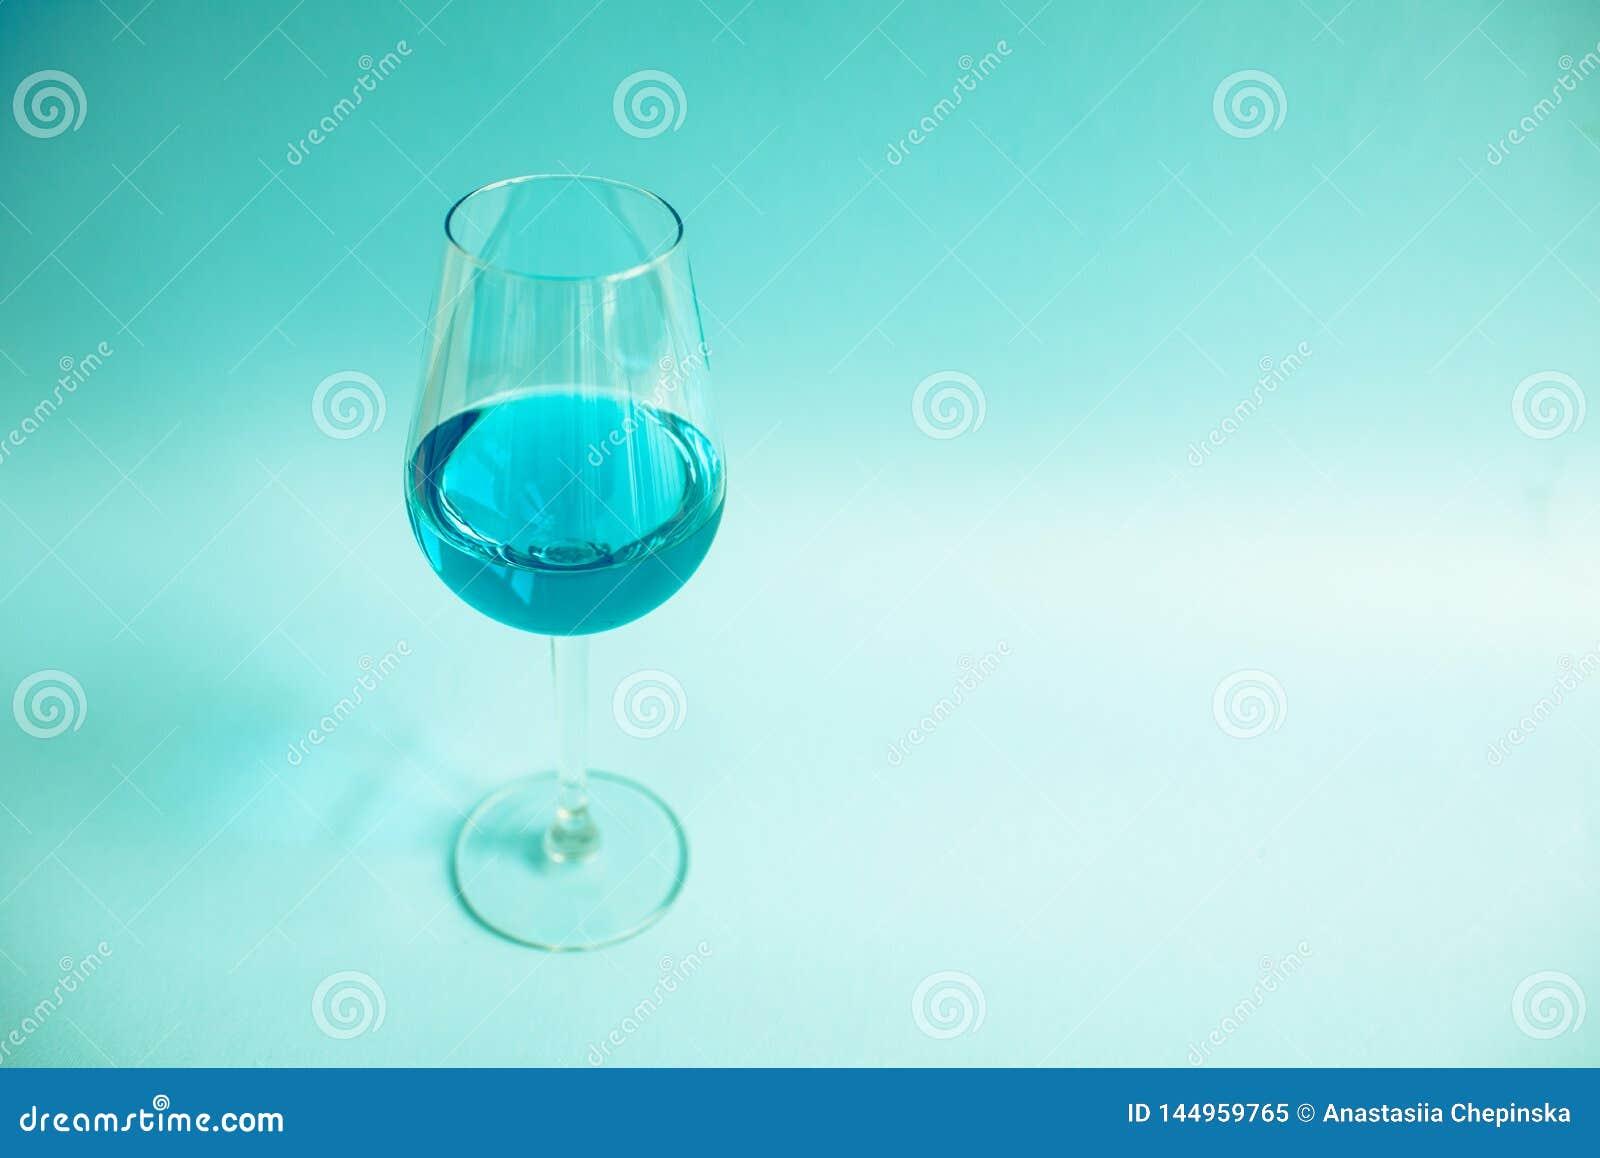 Glas natürlicher blauer Wein